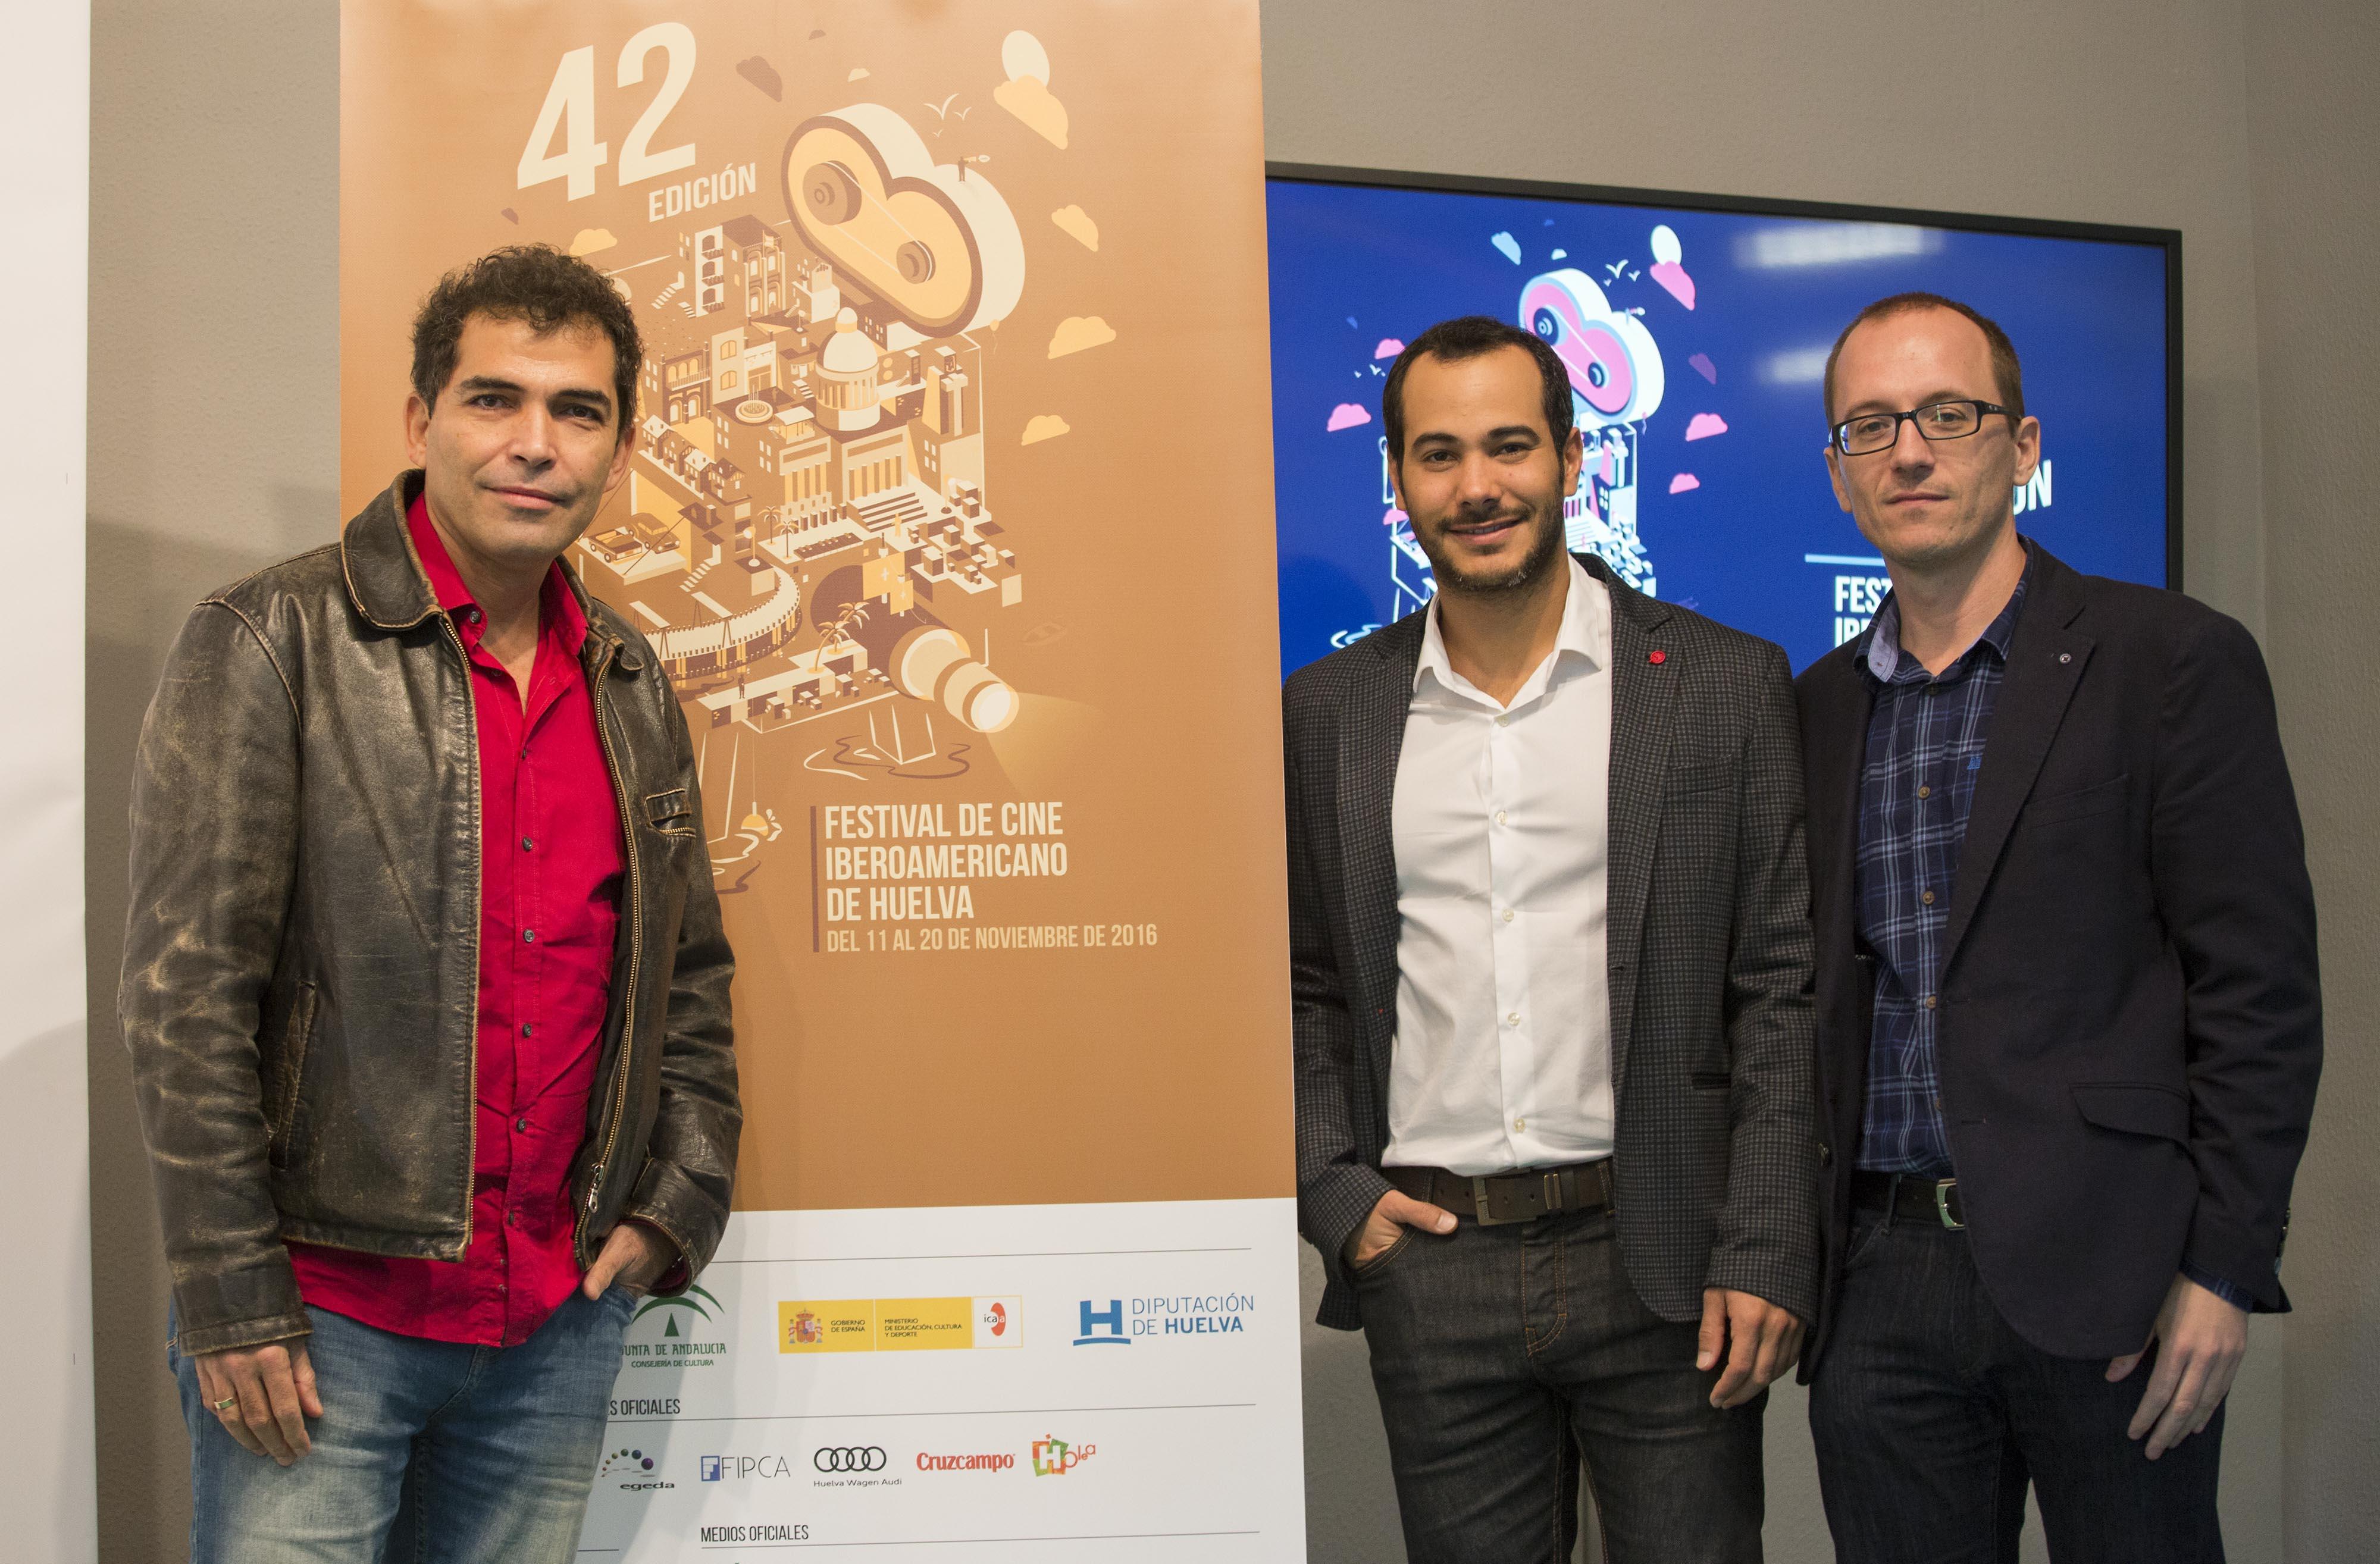 Manuel H. Martín, director del Festival, y los actores Vladimir Cruz y Carlos Enrique Almirante.